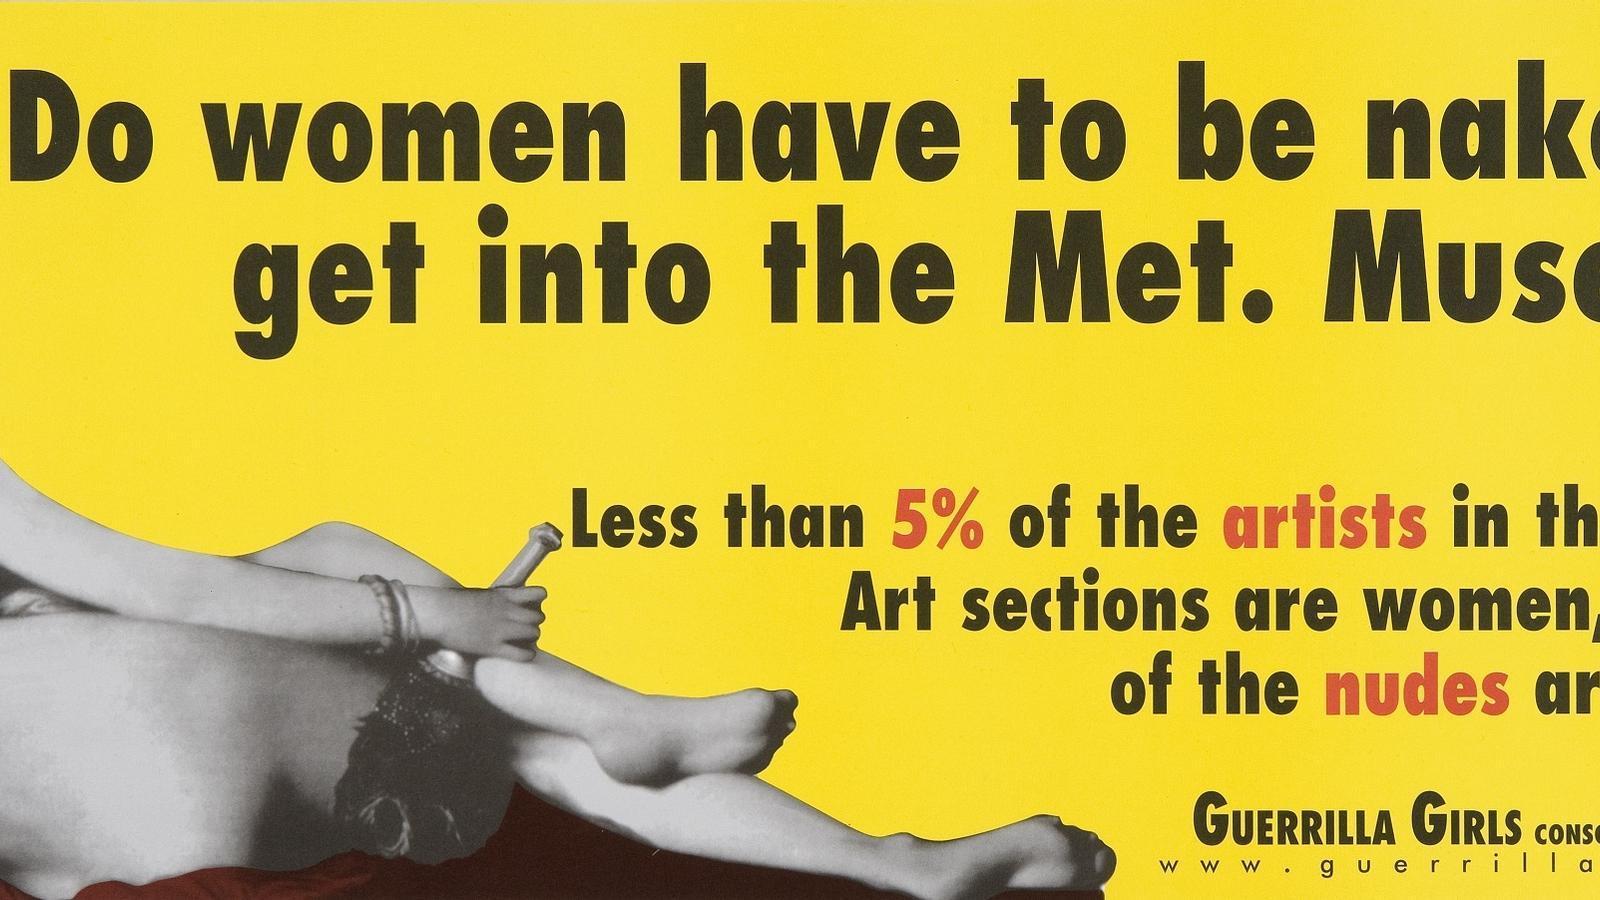 'Les dones han d'anar despullades per entrar al Metropolitan Museum?', de Guerilla Girls